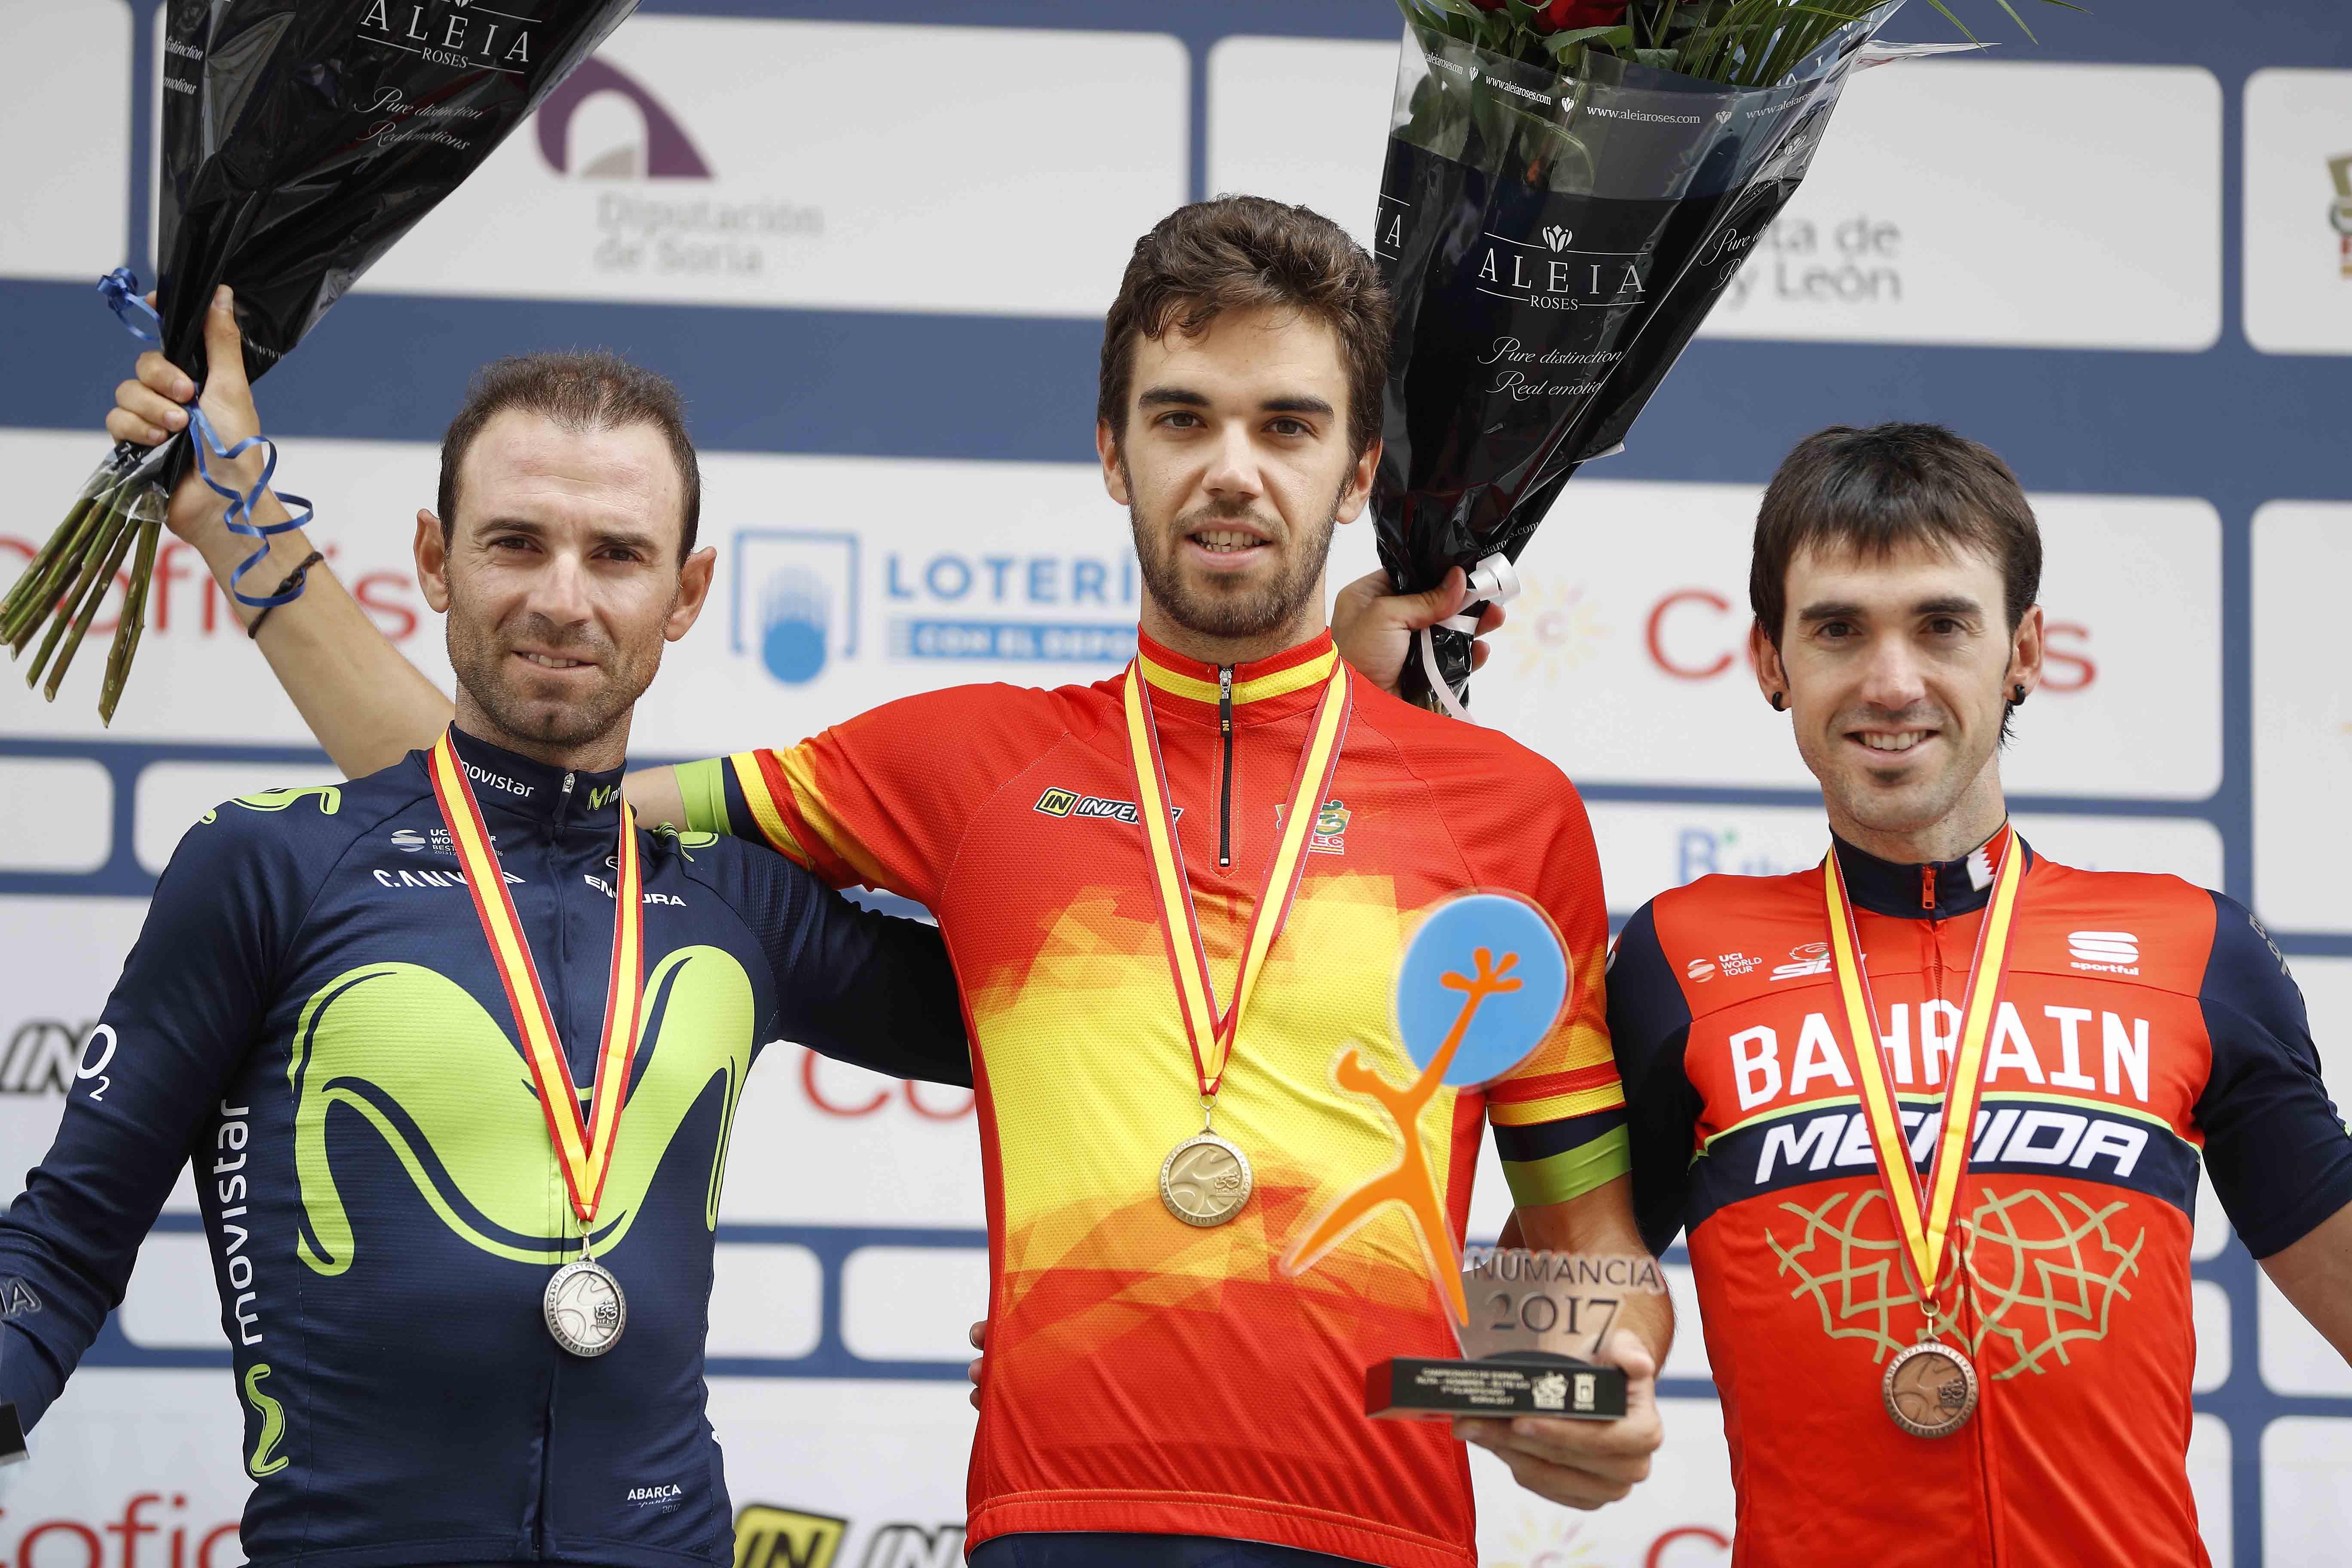 """Valverde, tras el triunfo de Herrada: """"Tan contento como si hubiera ganado yo"""""""